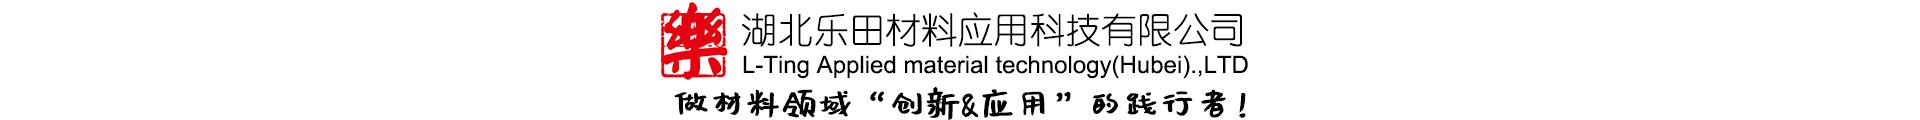 湖北乐田材料应用科技有限公司